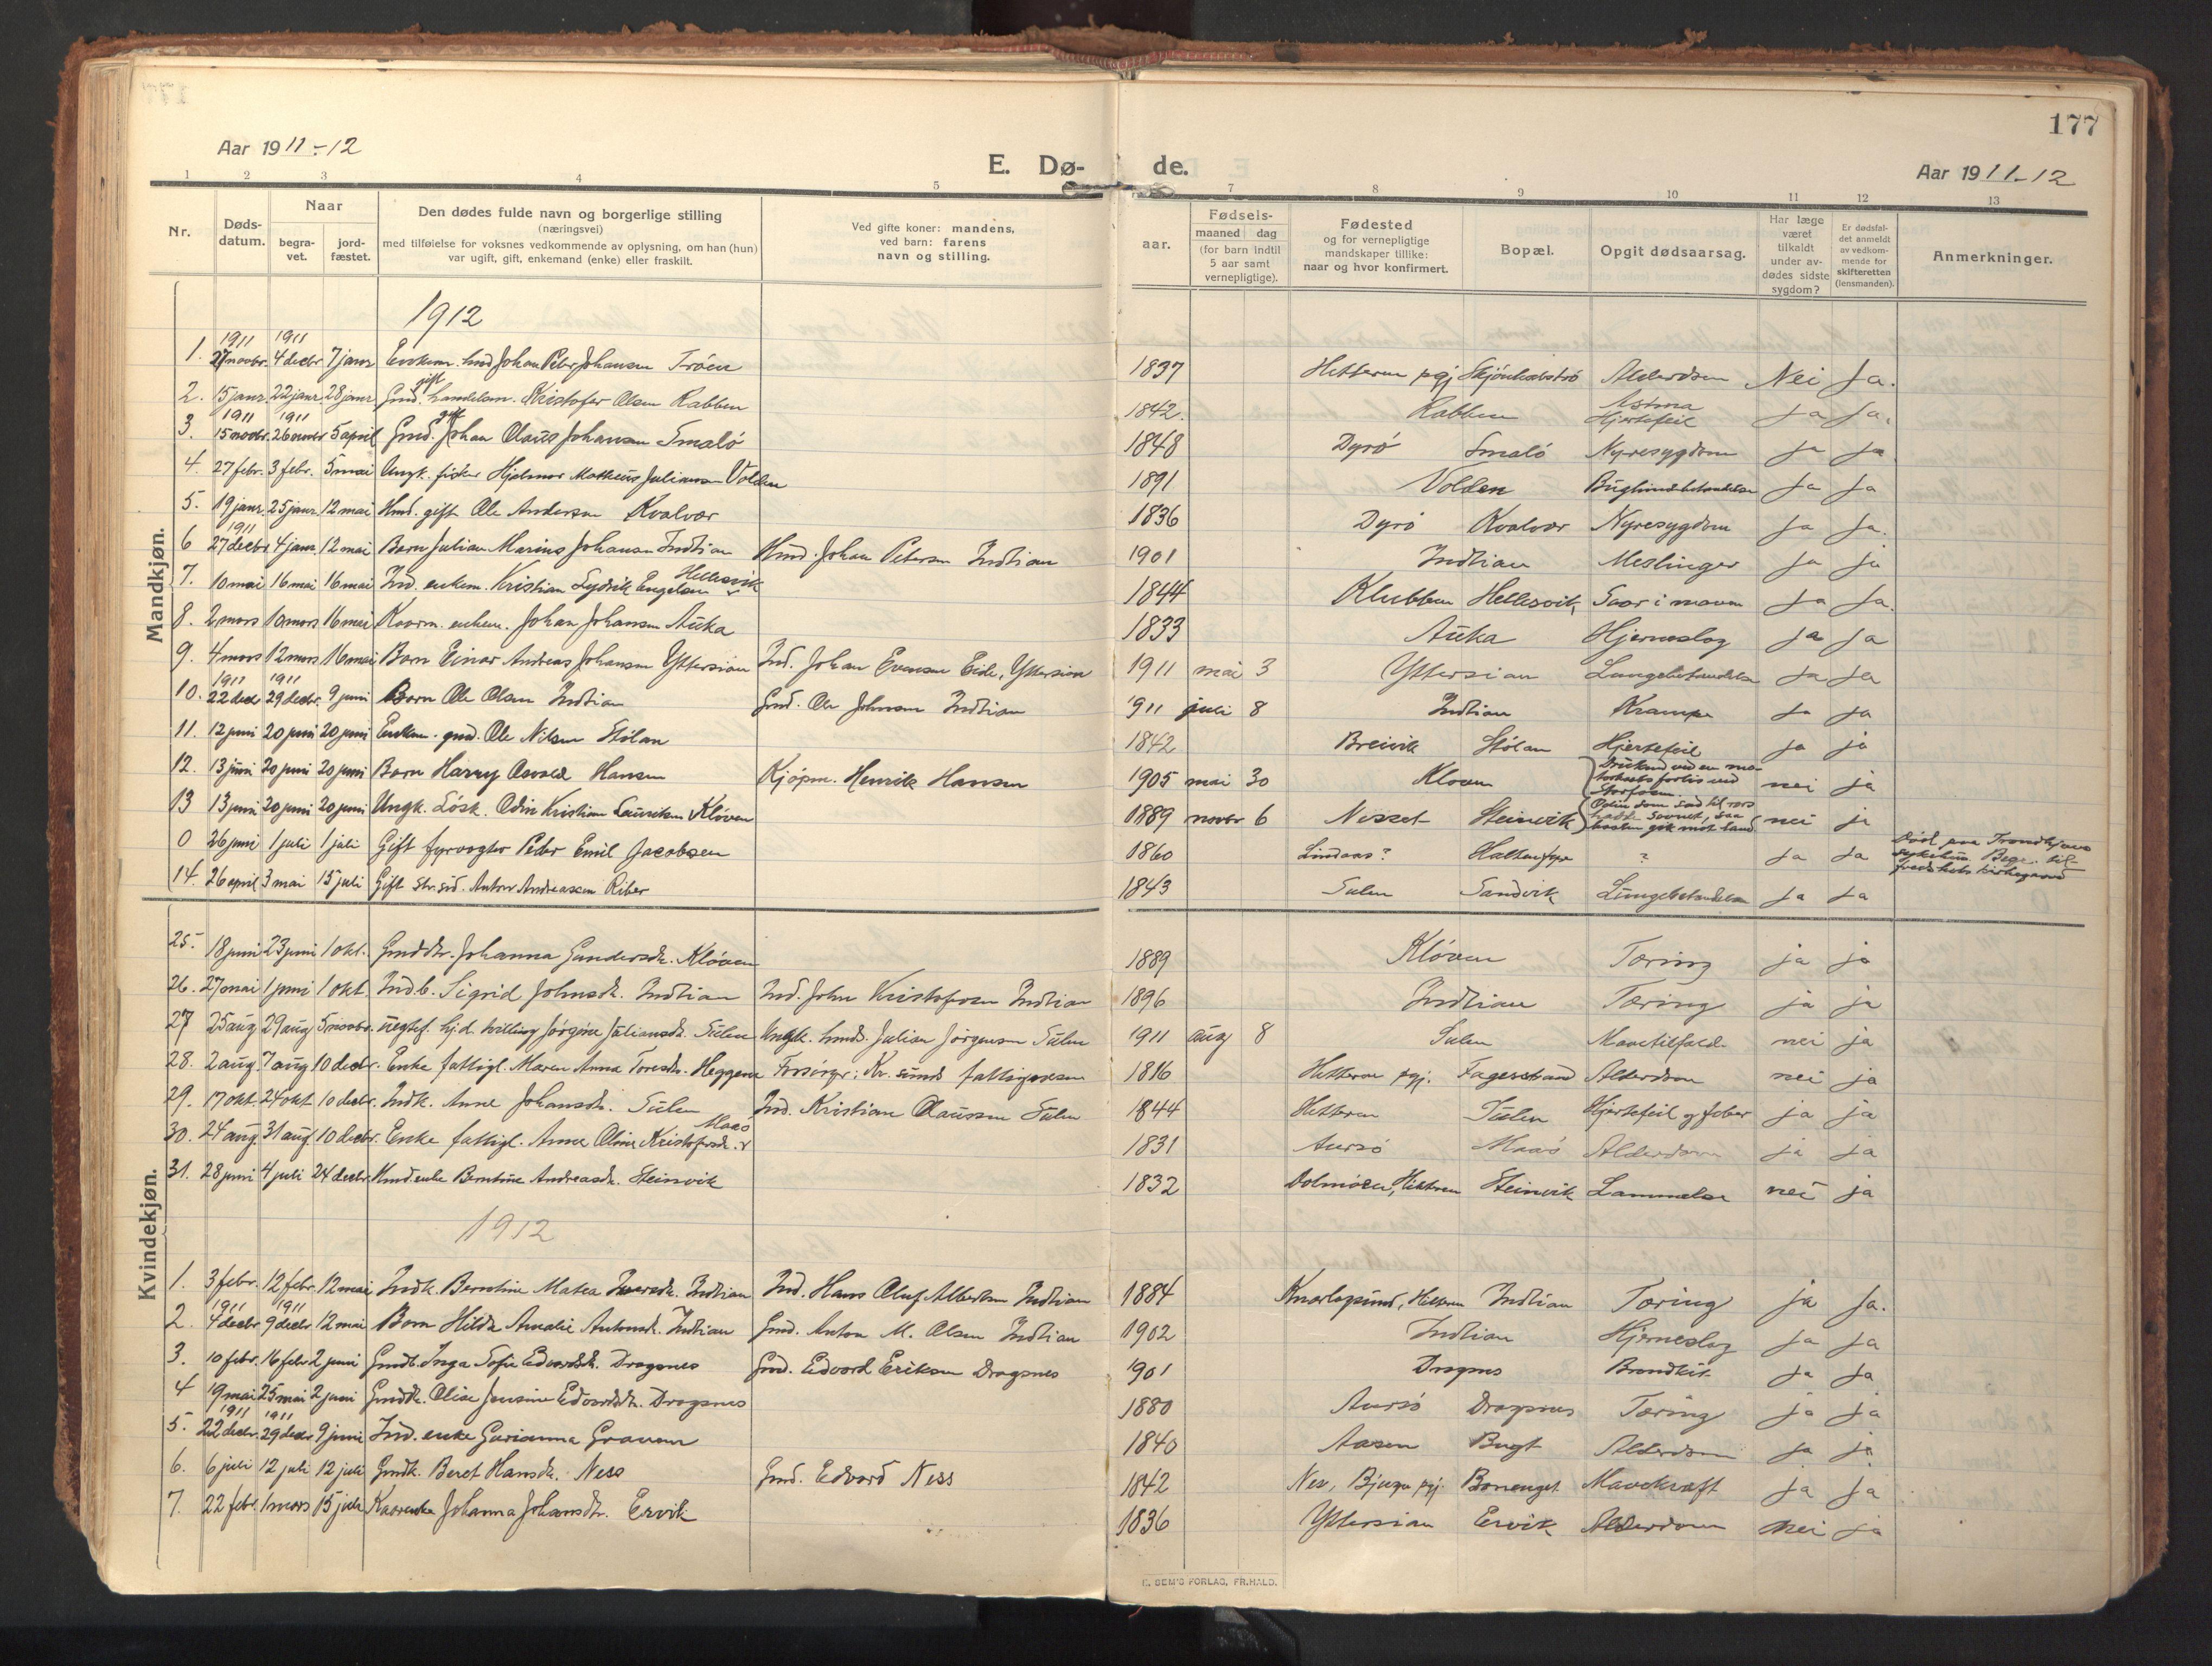 SAT, Ministerialprotokoller, klokkerbøker og fødselsregistre - Sør-Trøndelag, 640/L0581: Ministerialbok nr. 640A06, 1910-1924, s. 177